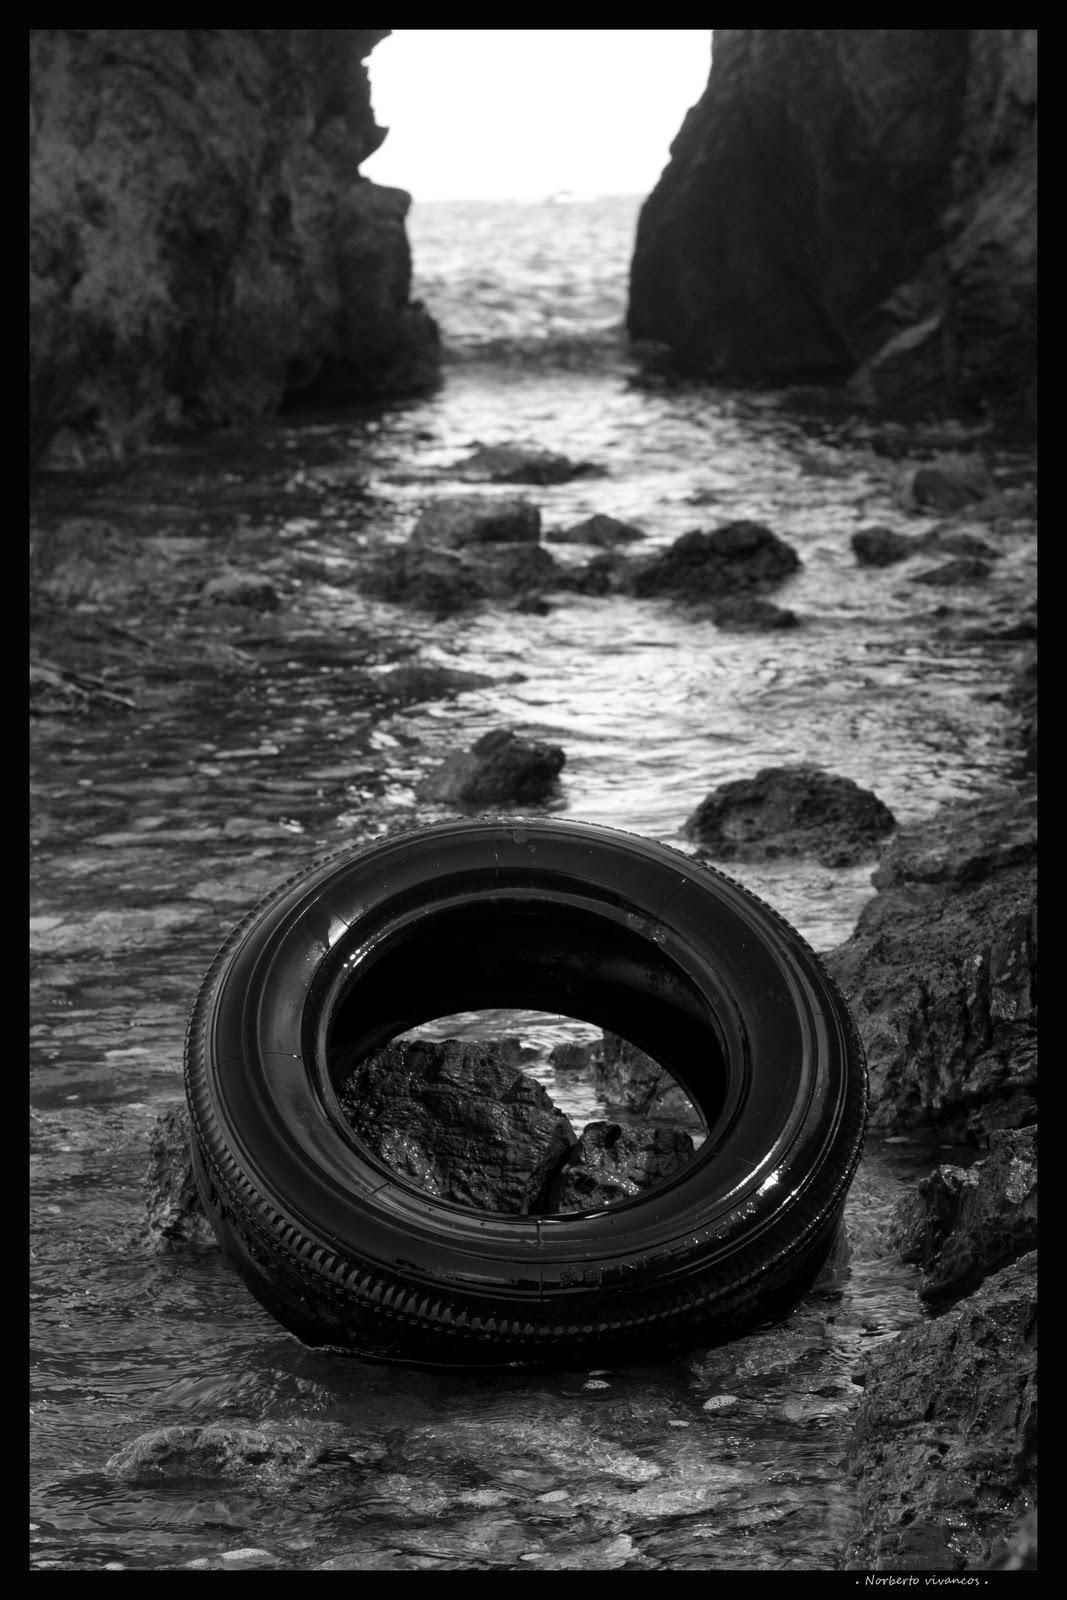 Norberto vivancos fotografia blanco y negro - Fotos en blanco ...